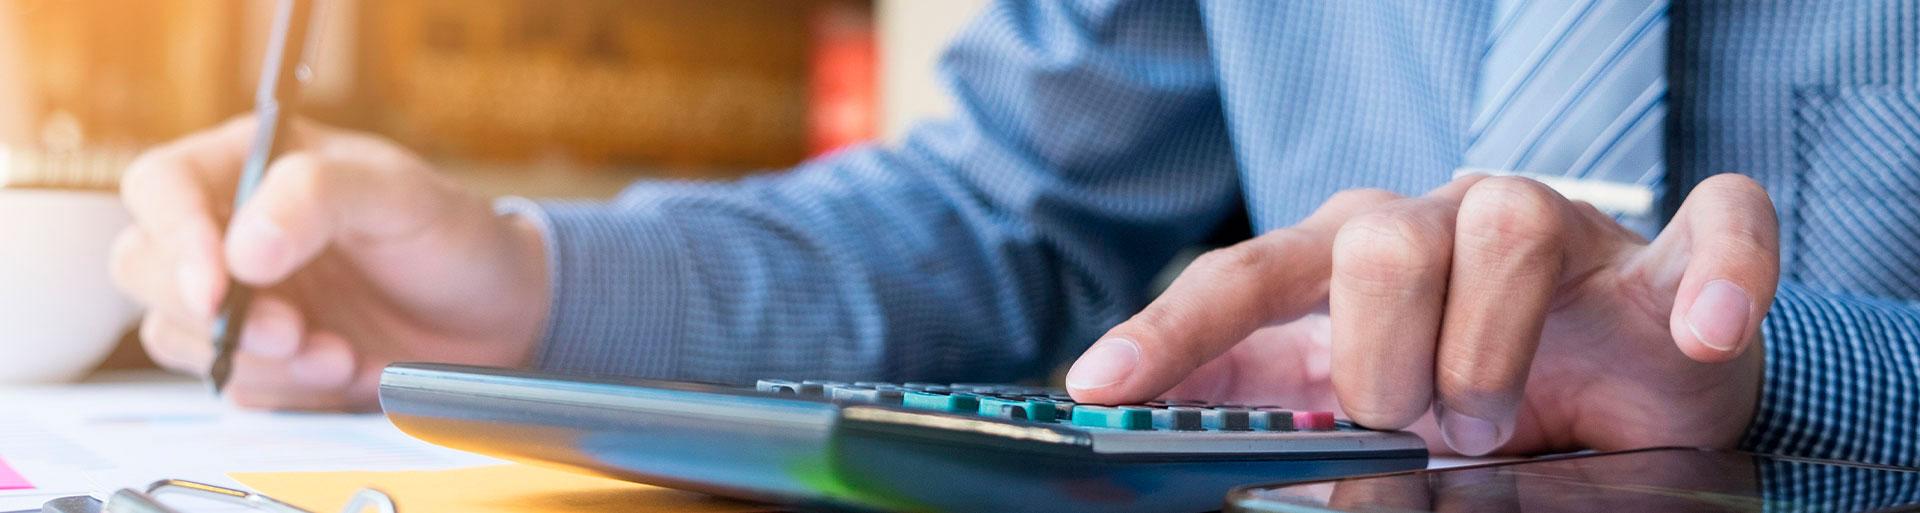 homem digitando em uma calculadora